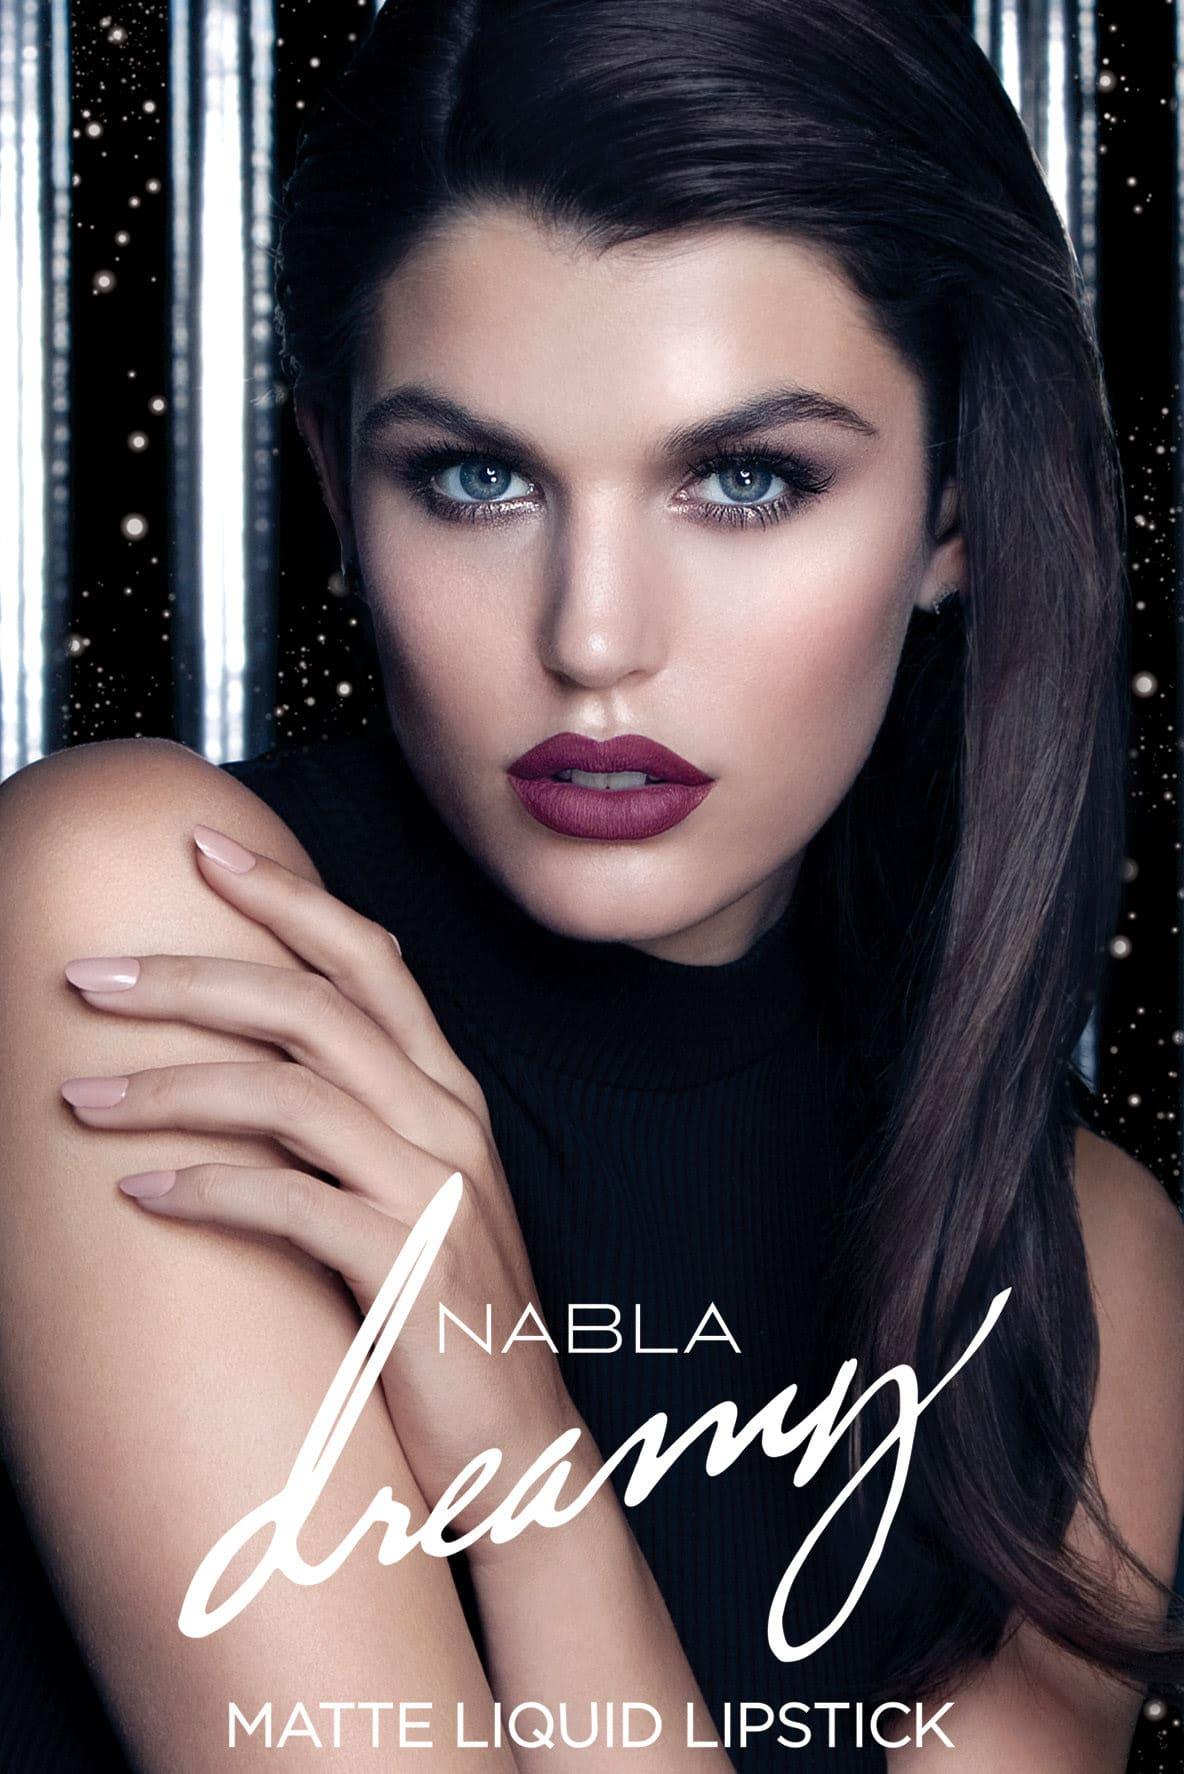 Dreamy Matte Liquid Lipsticks, le nuove tinte labbra Nabla Cosmetics